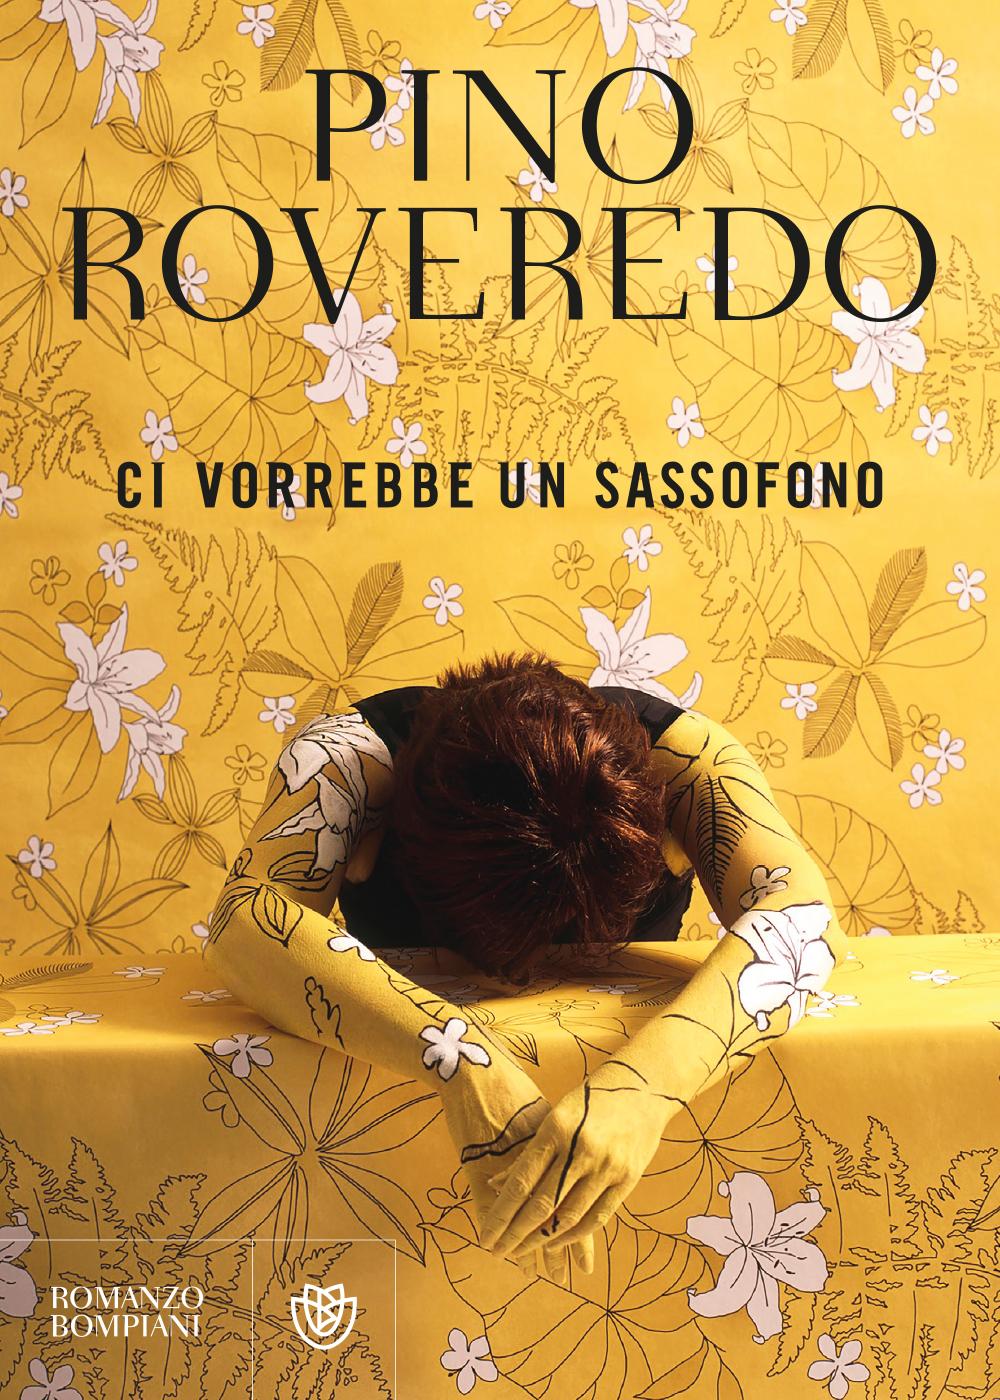 Pino Roveredo